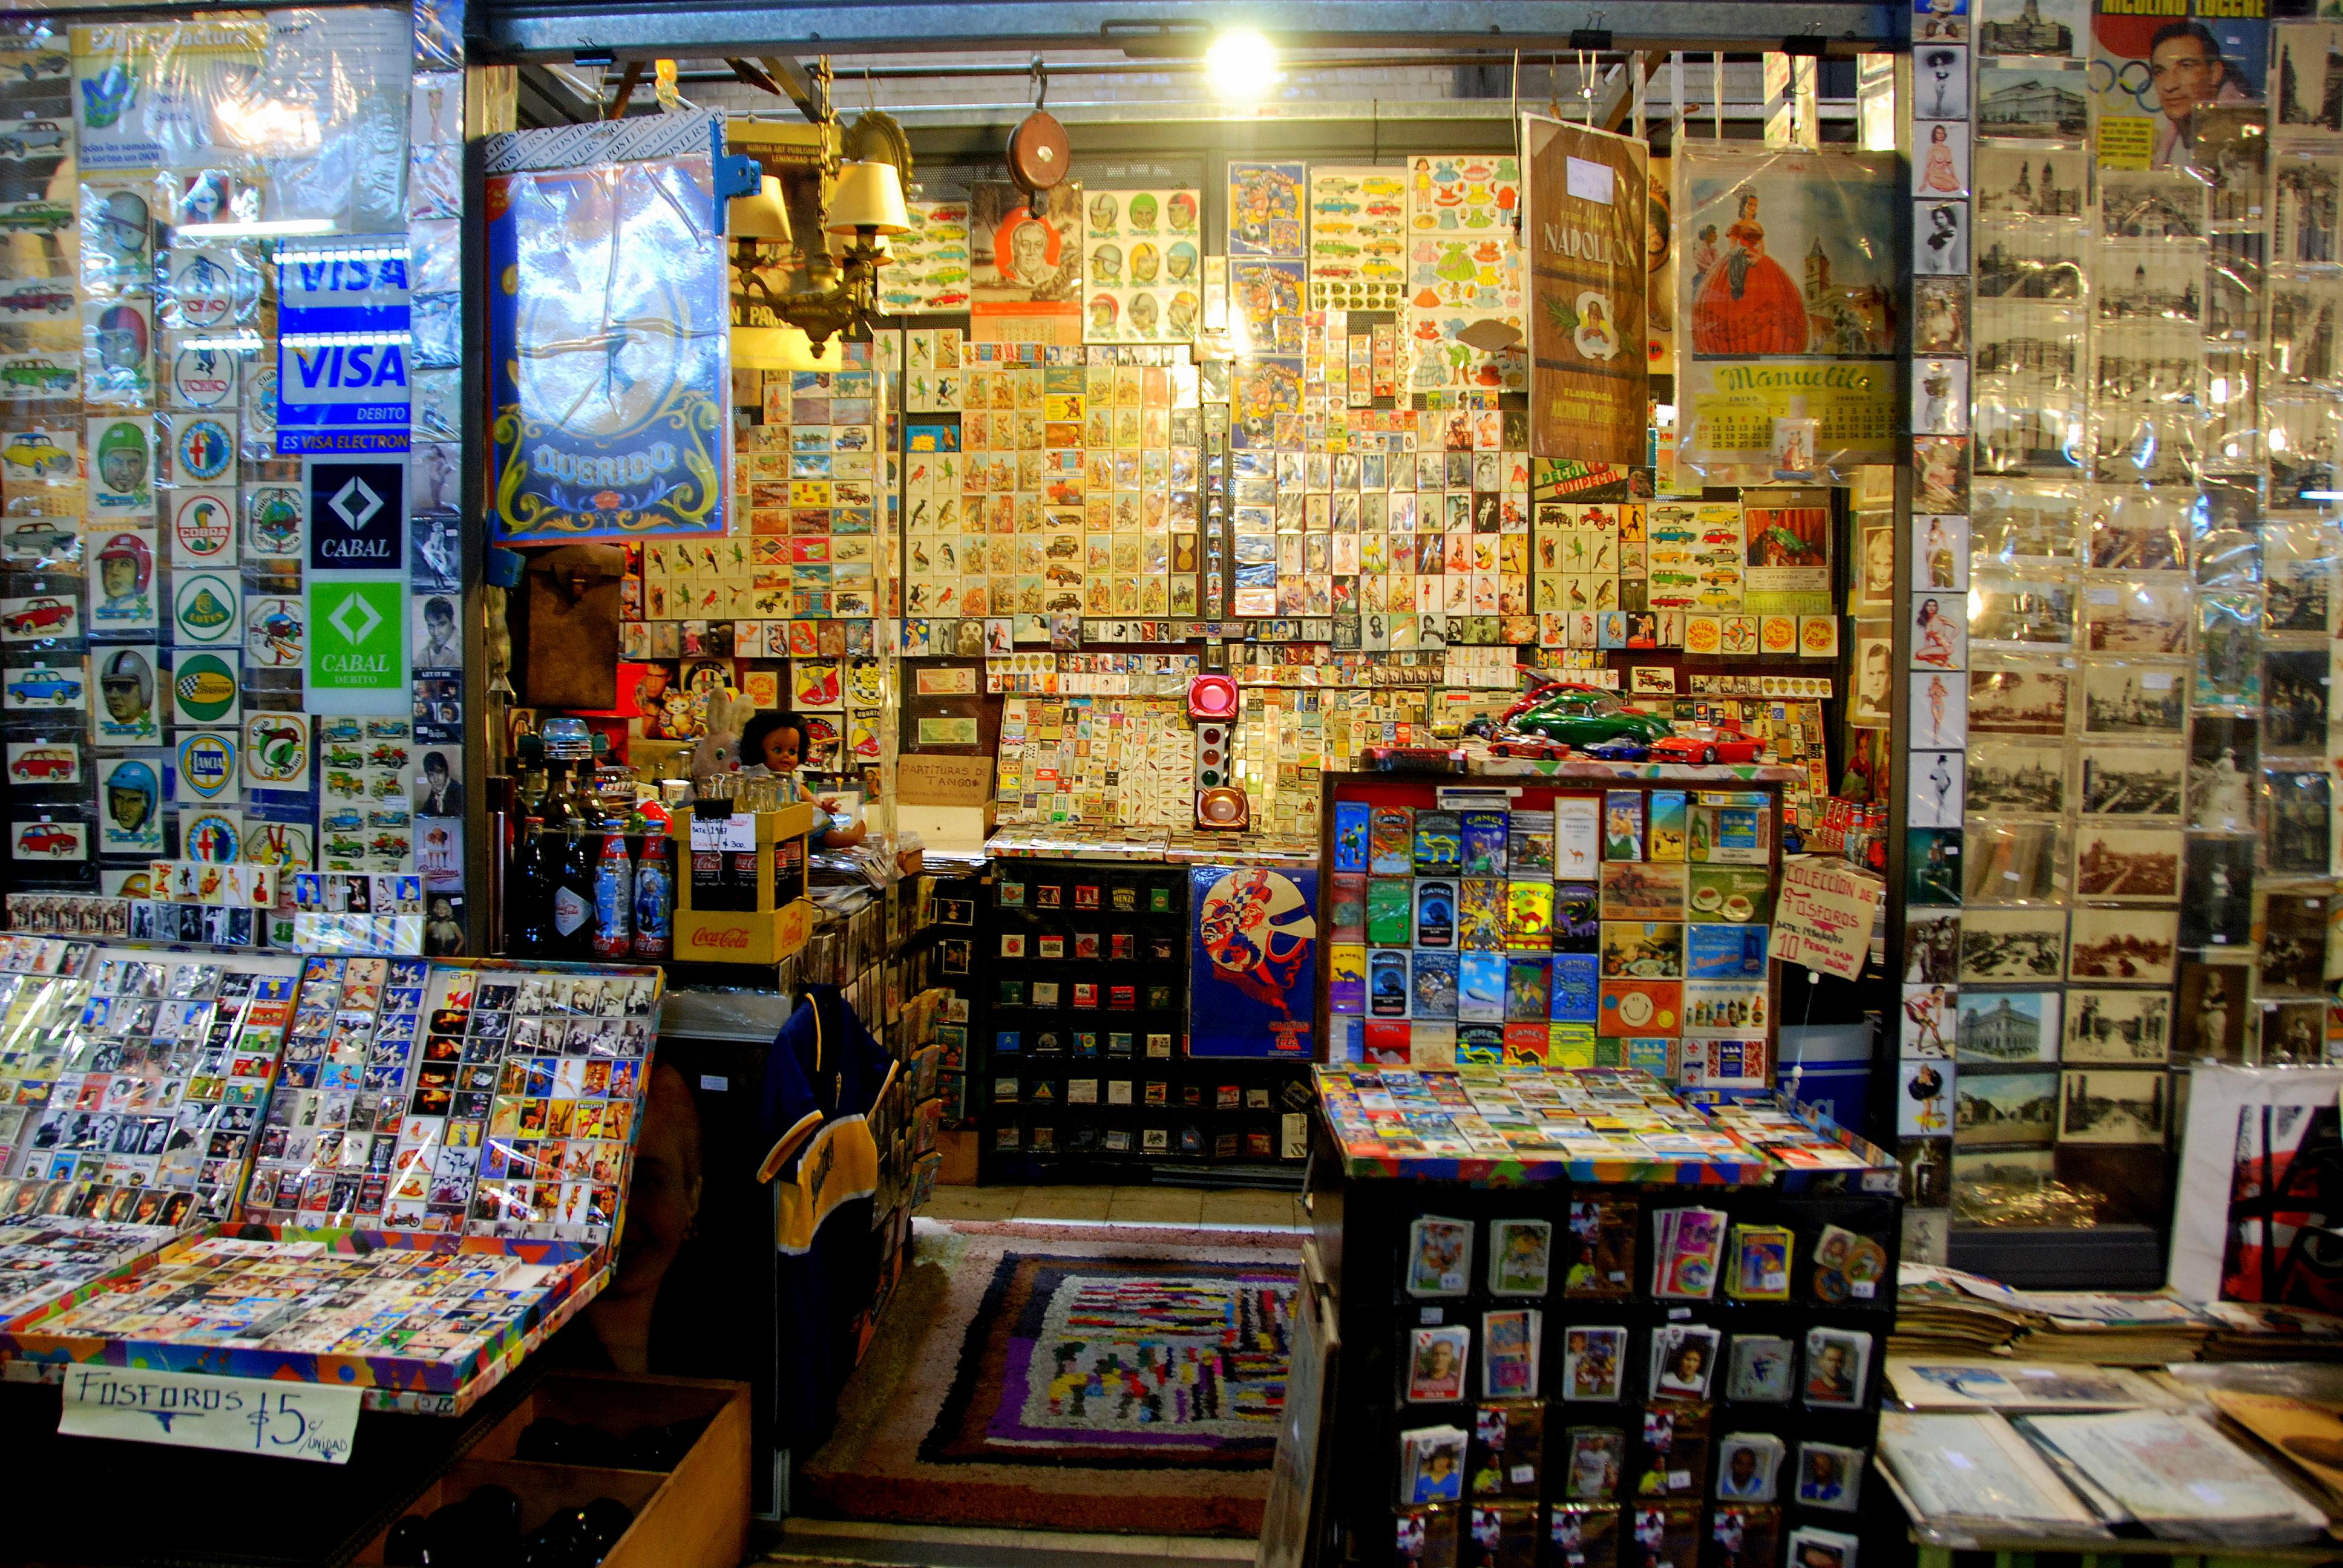 Mercado de San Telmo: mescla de texturas